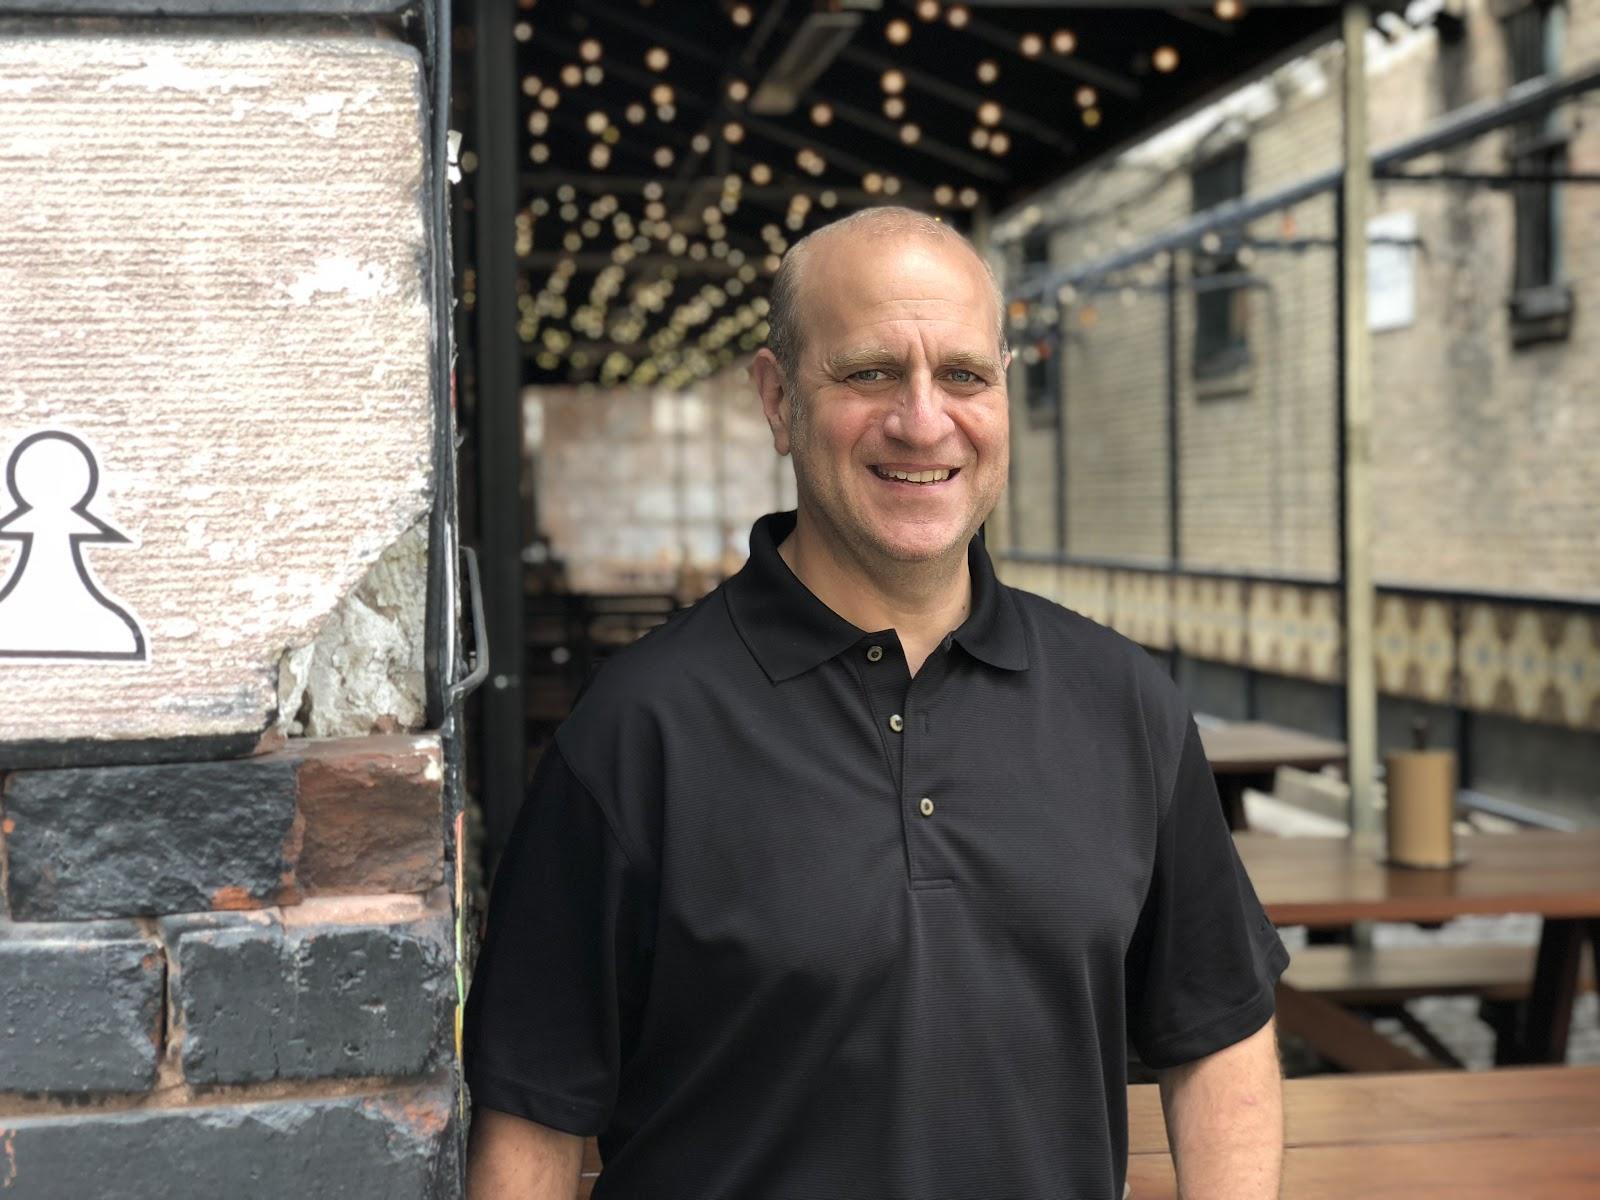 Dan Rothschild, CTO at Forevercar